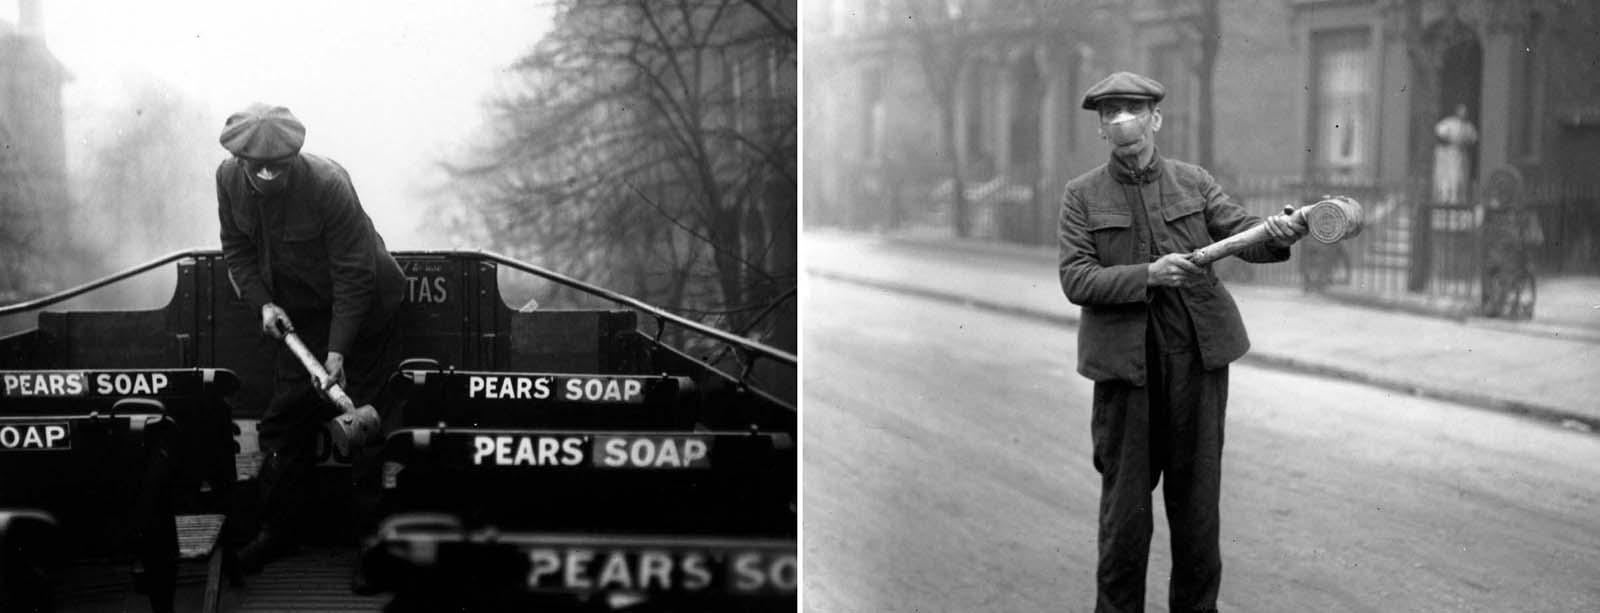 Um homem prepara spray anti-gripe para ônibus do London General Omnibus Co. (Londres, 2 de março de 1920).